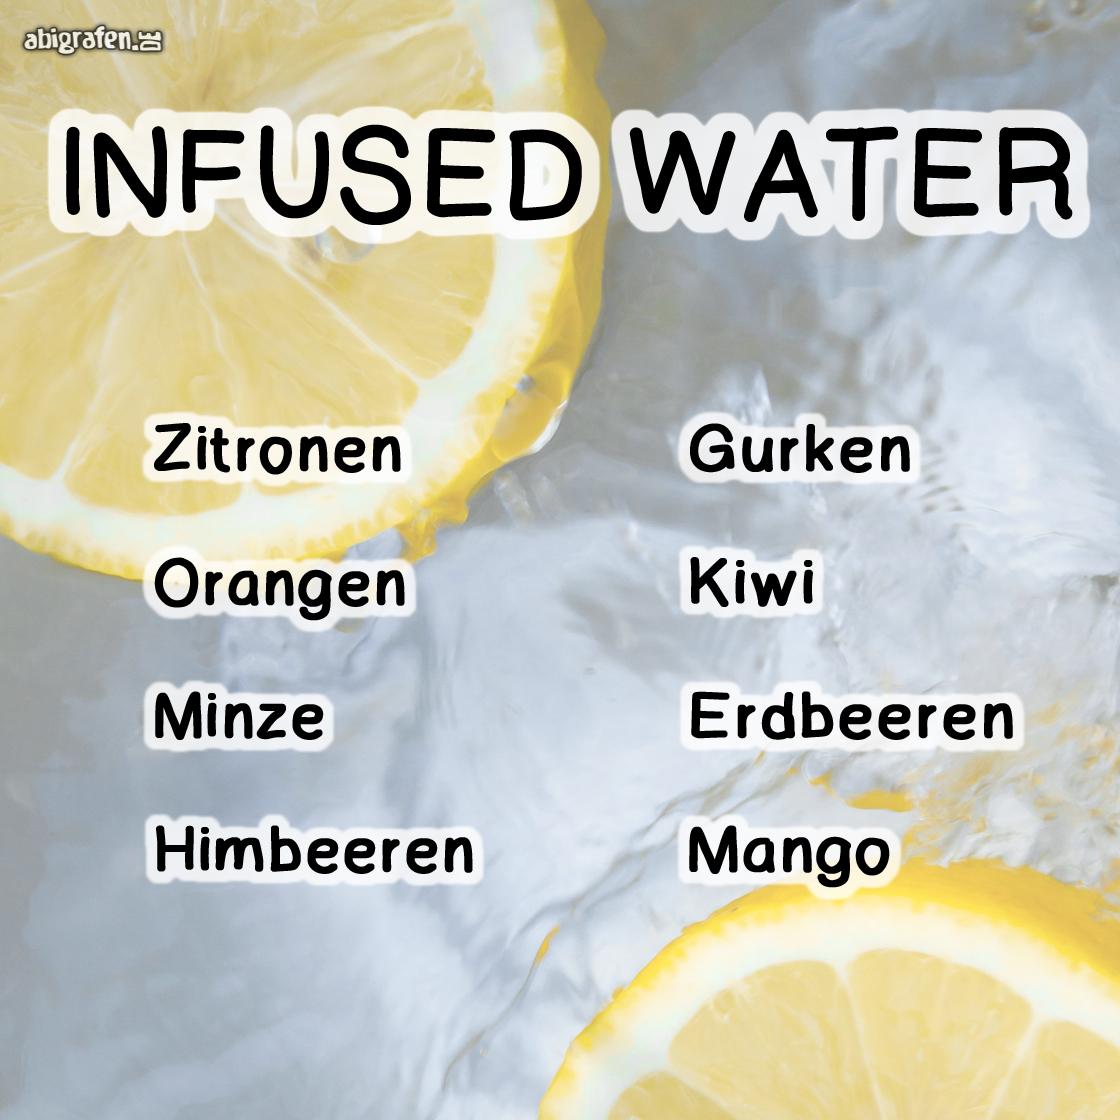 Zutaten für Infused-Water